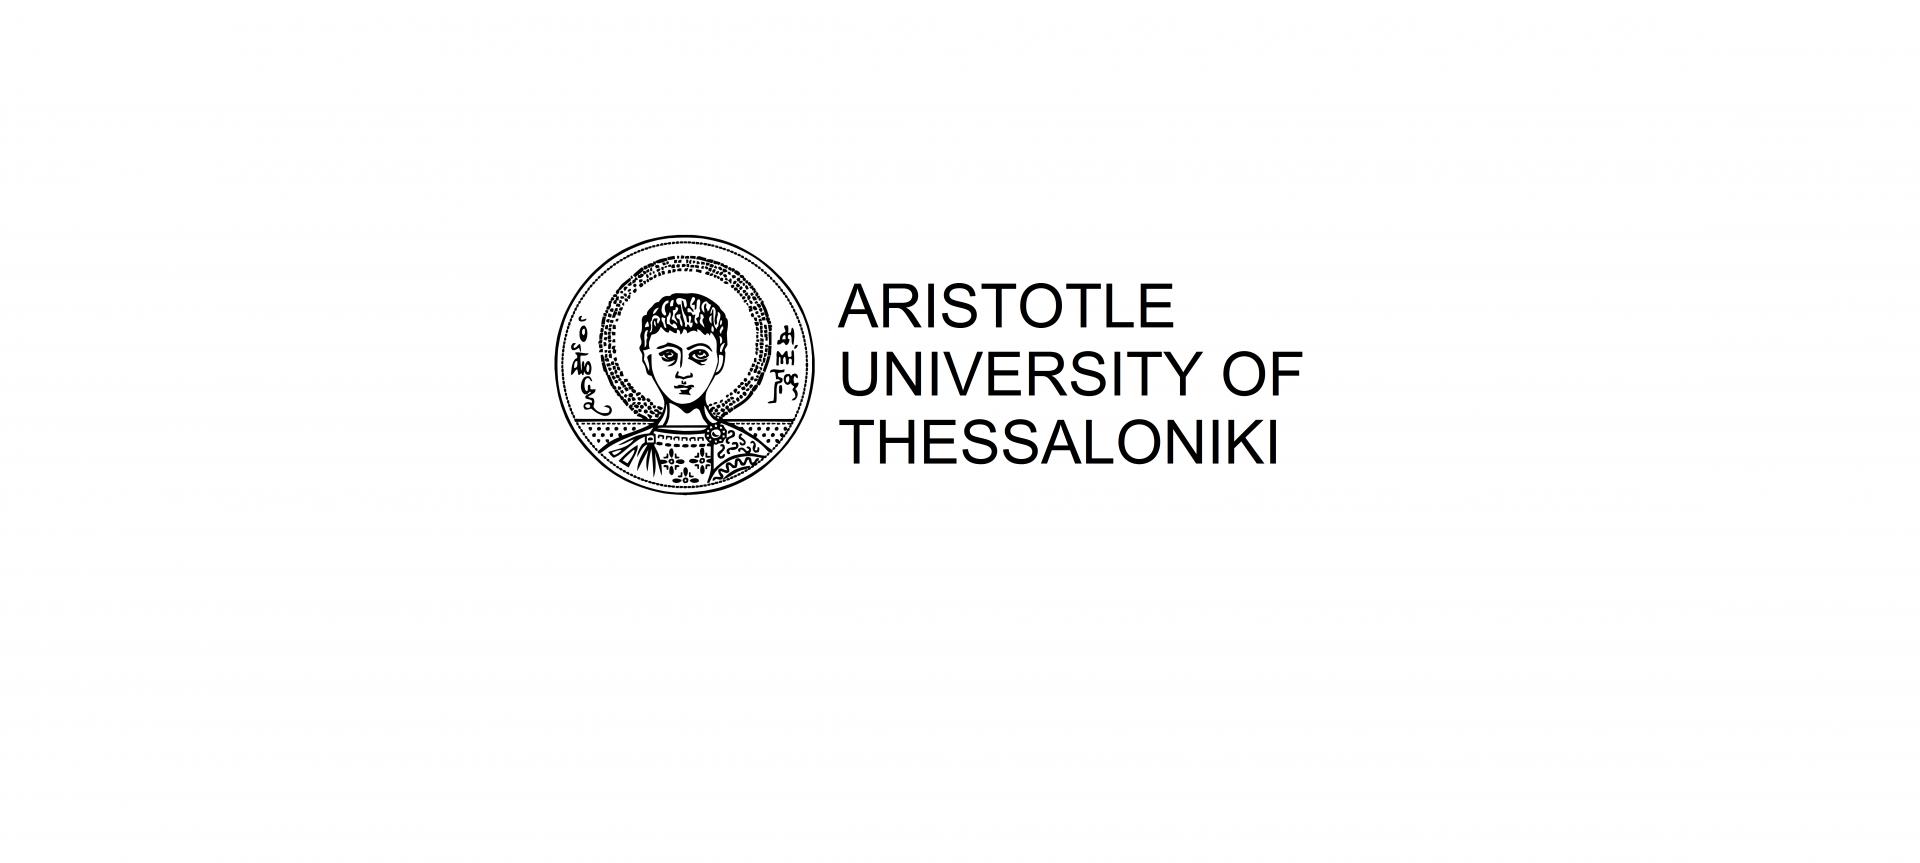 GREECE- ARISTOTLE UNIVERSITY OF THESSALONIKI (Postponed)